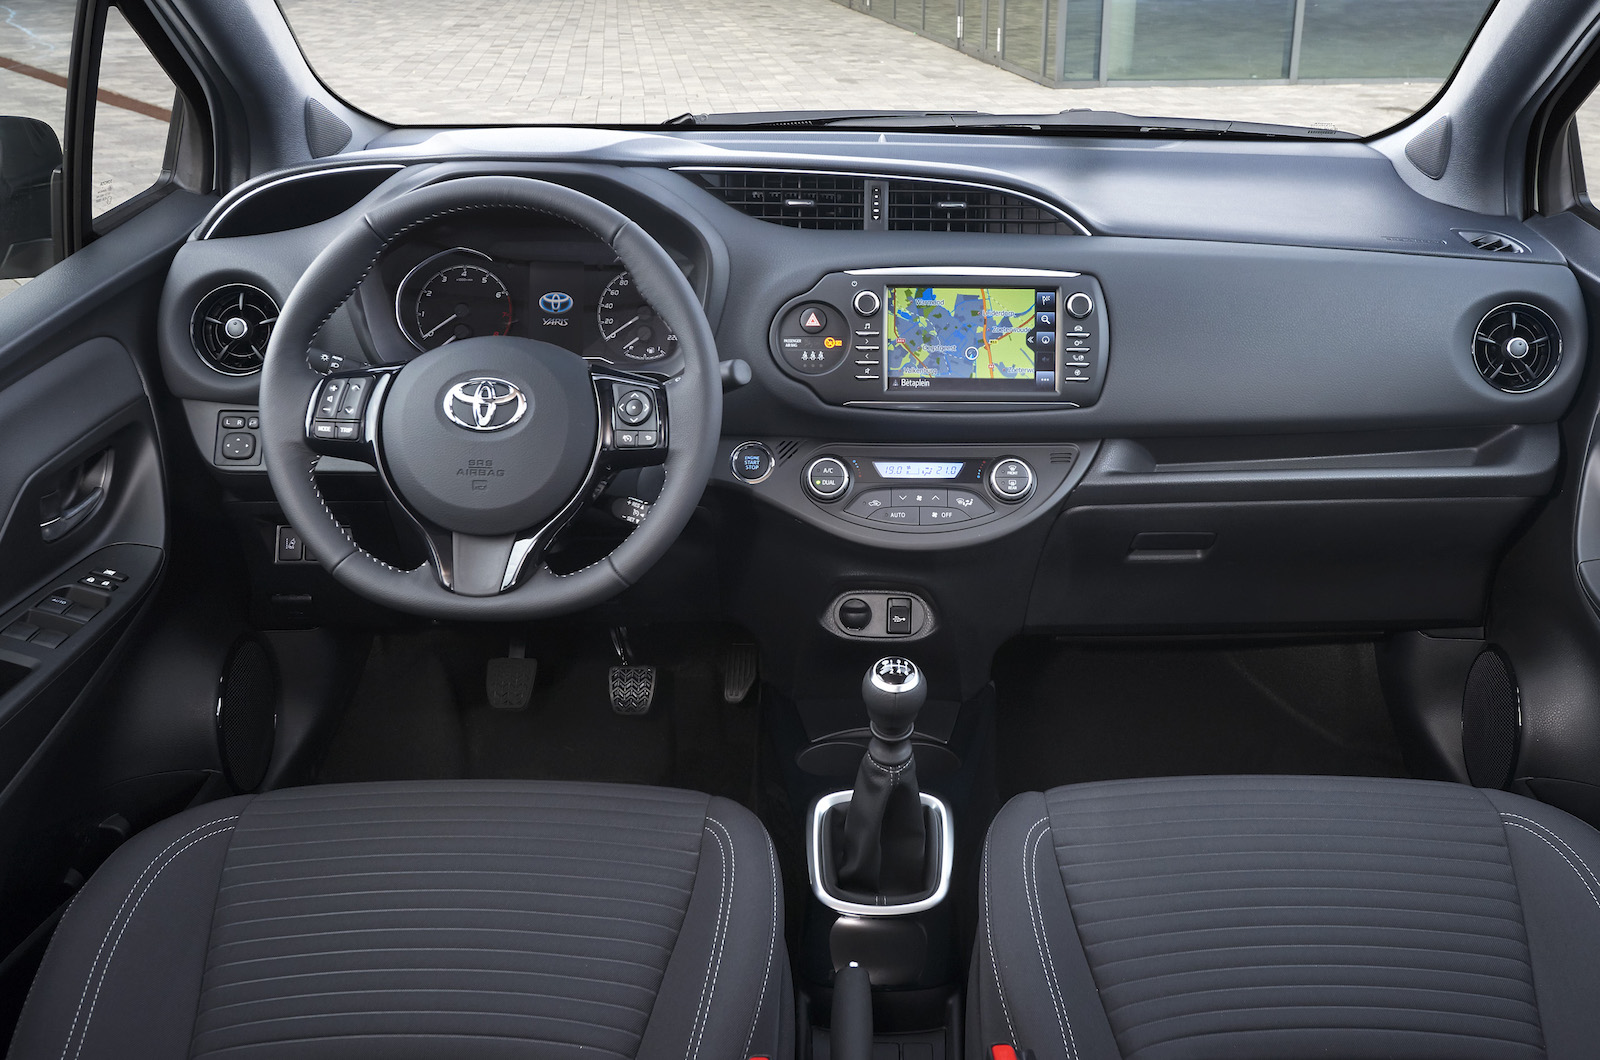 Kekurangan Toyota Yaris 1.5 Review